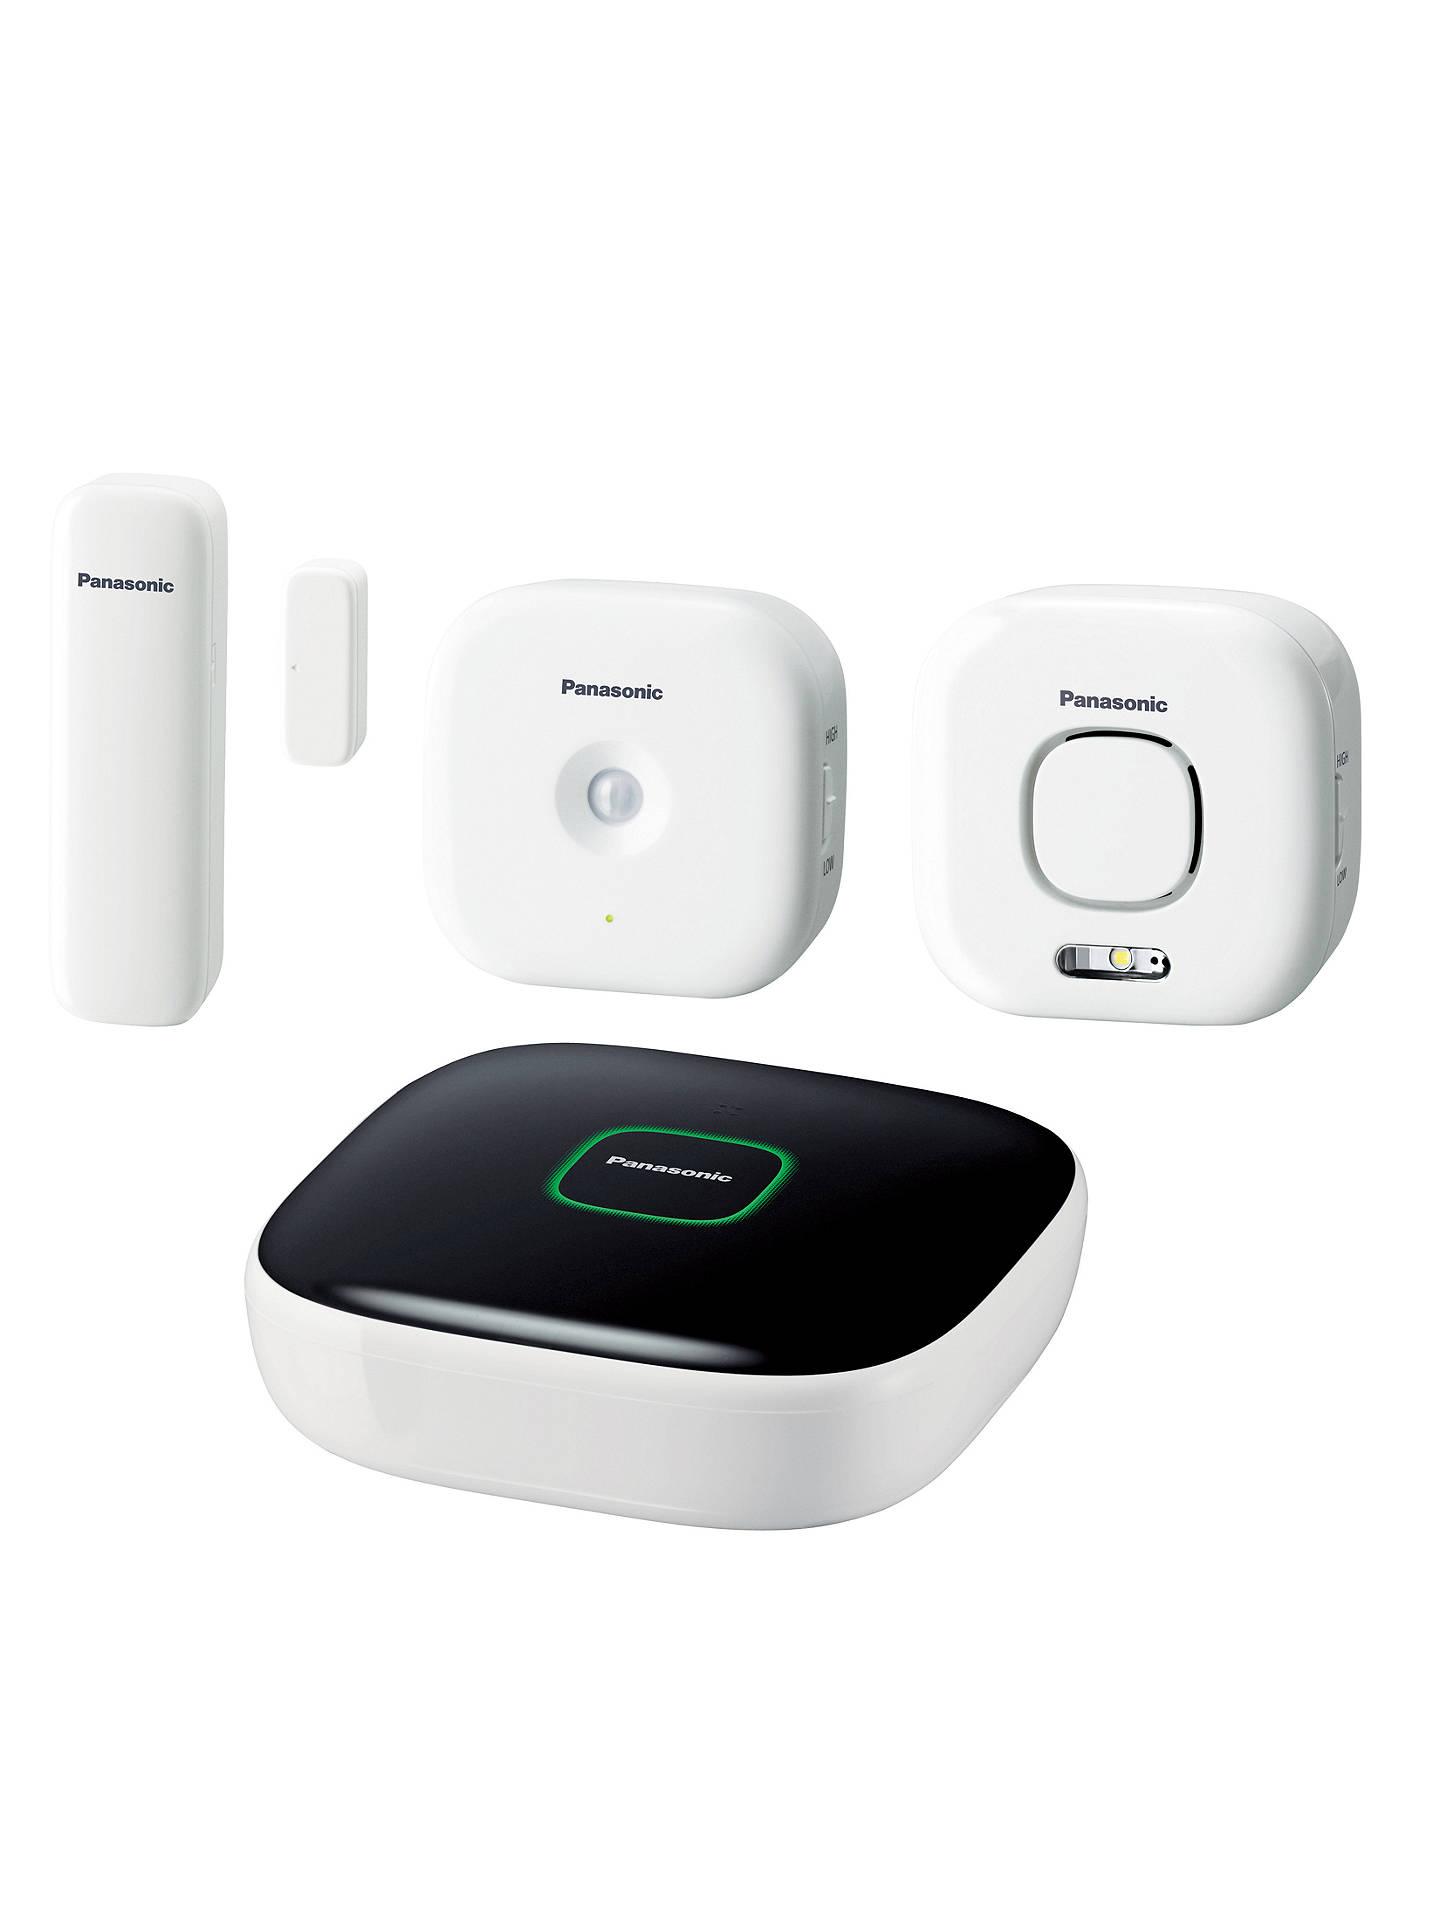 Panasonic Home Safety Starter Kit Plus At John Lewis